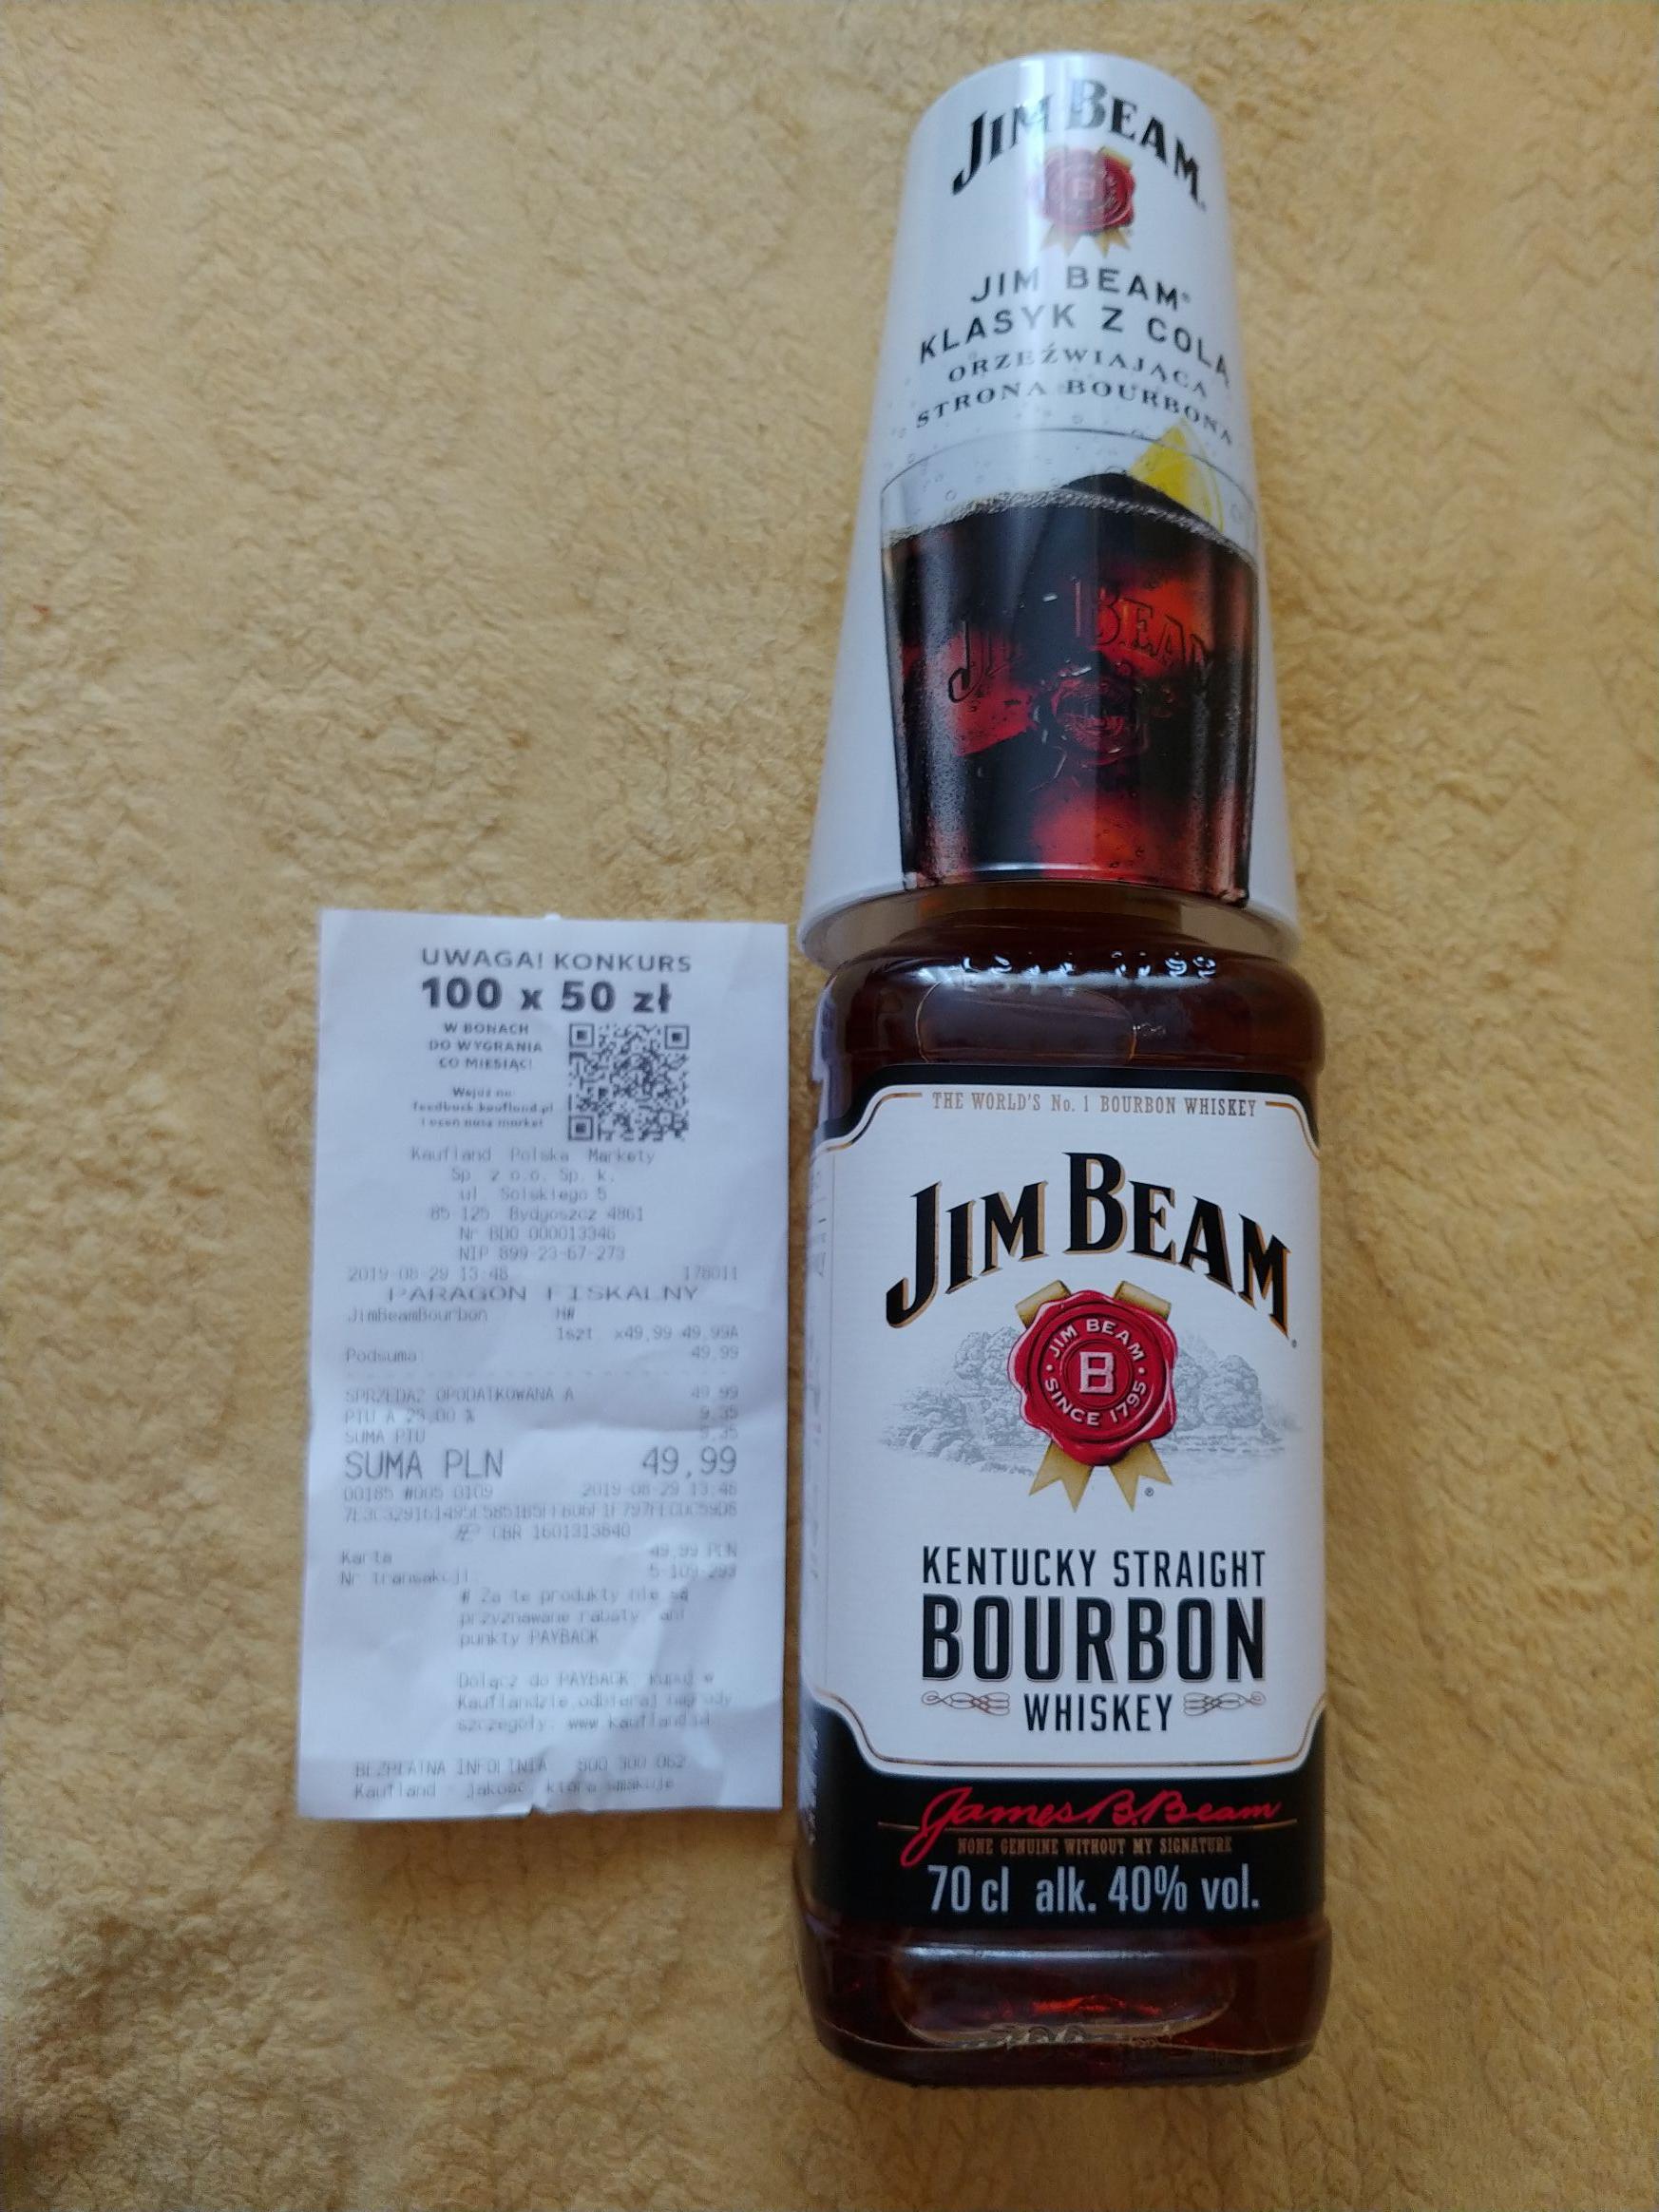 Jim Beam 0,7 + szklanka w Kauflandzie Bydgoszcz Solskiego